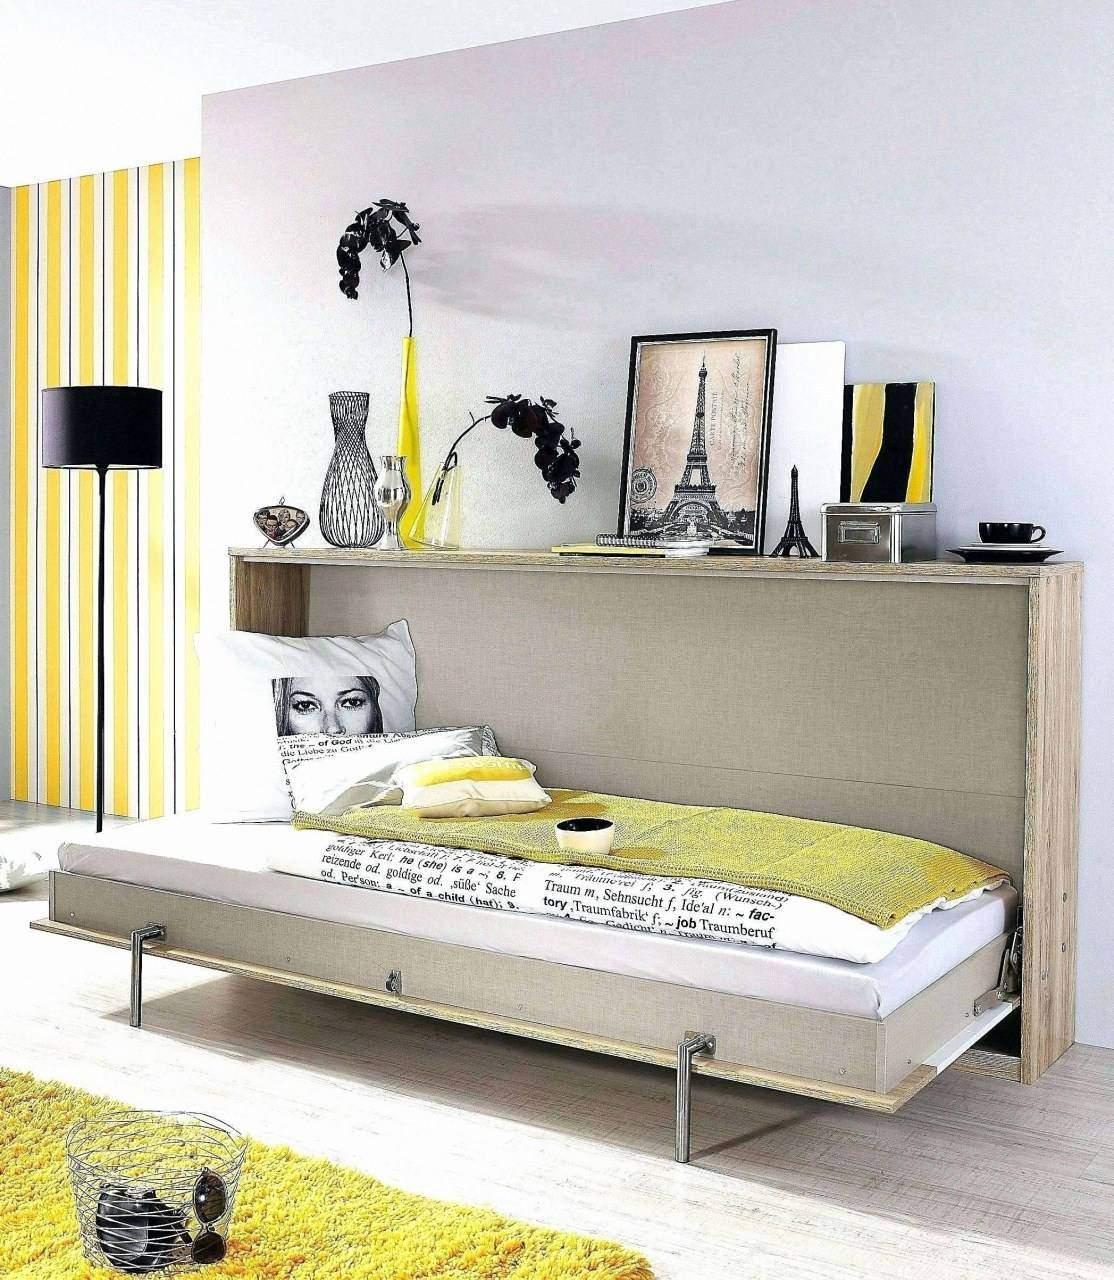 wanddeko fur wohnzimmer genial spiegel fur wohnzimmer kaufen frisch of wanddeko fur wohnzimmer